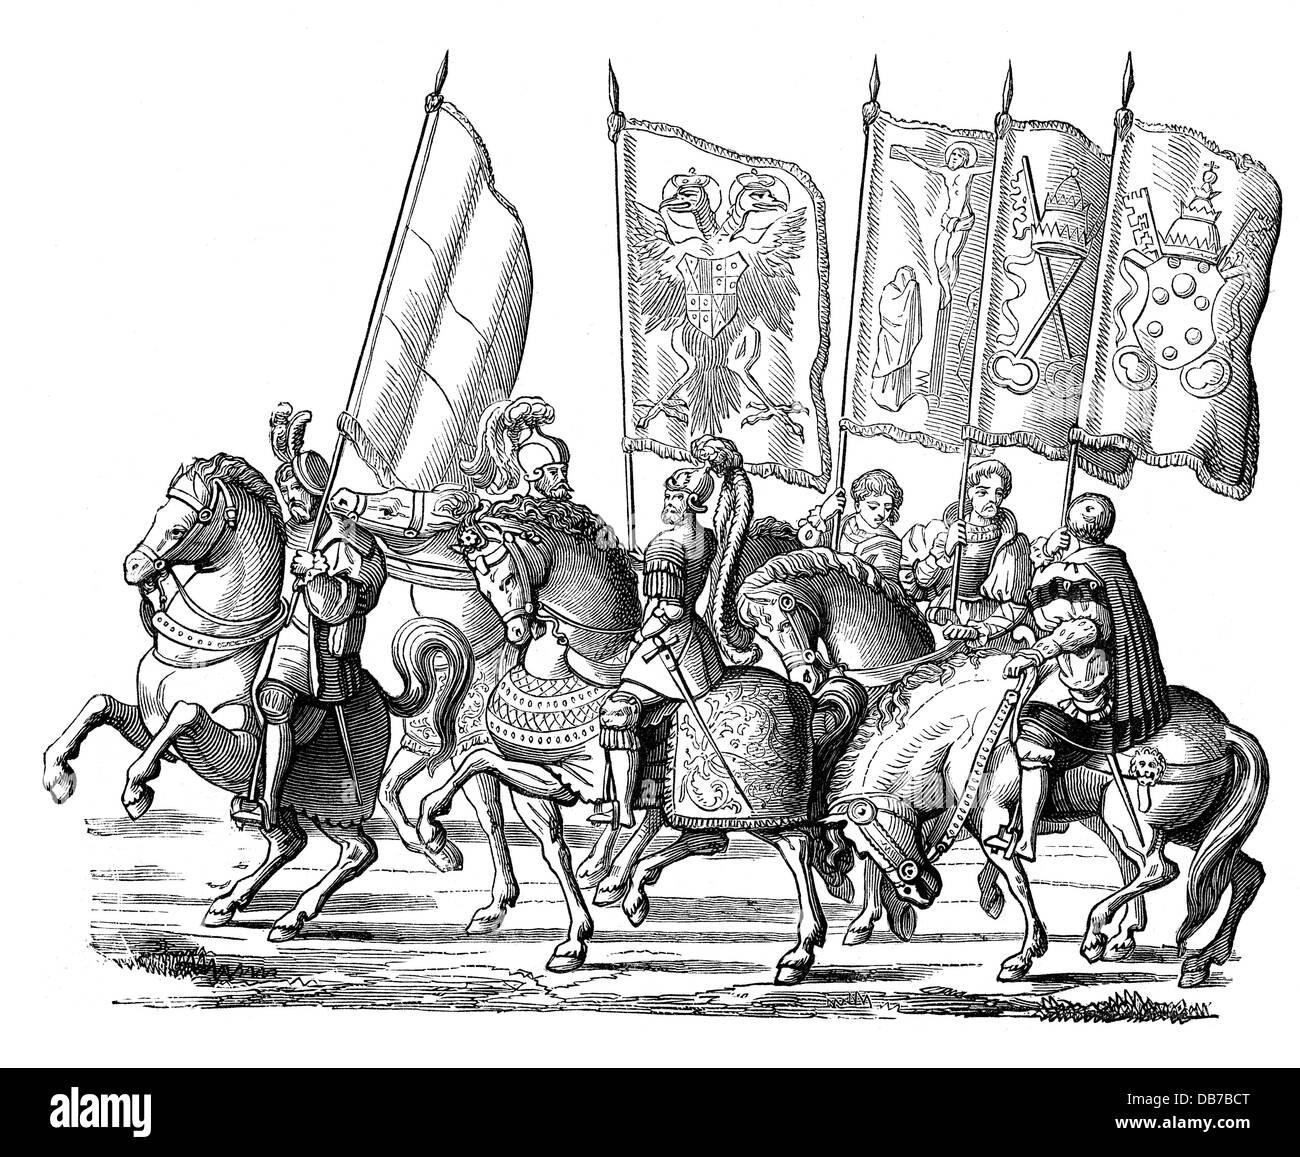 3rd King Charles Spain